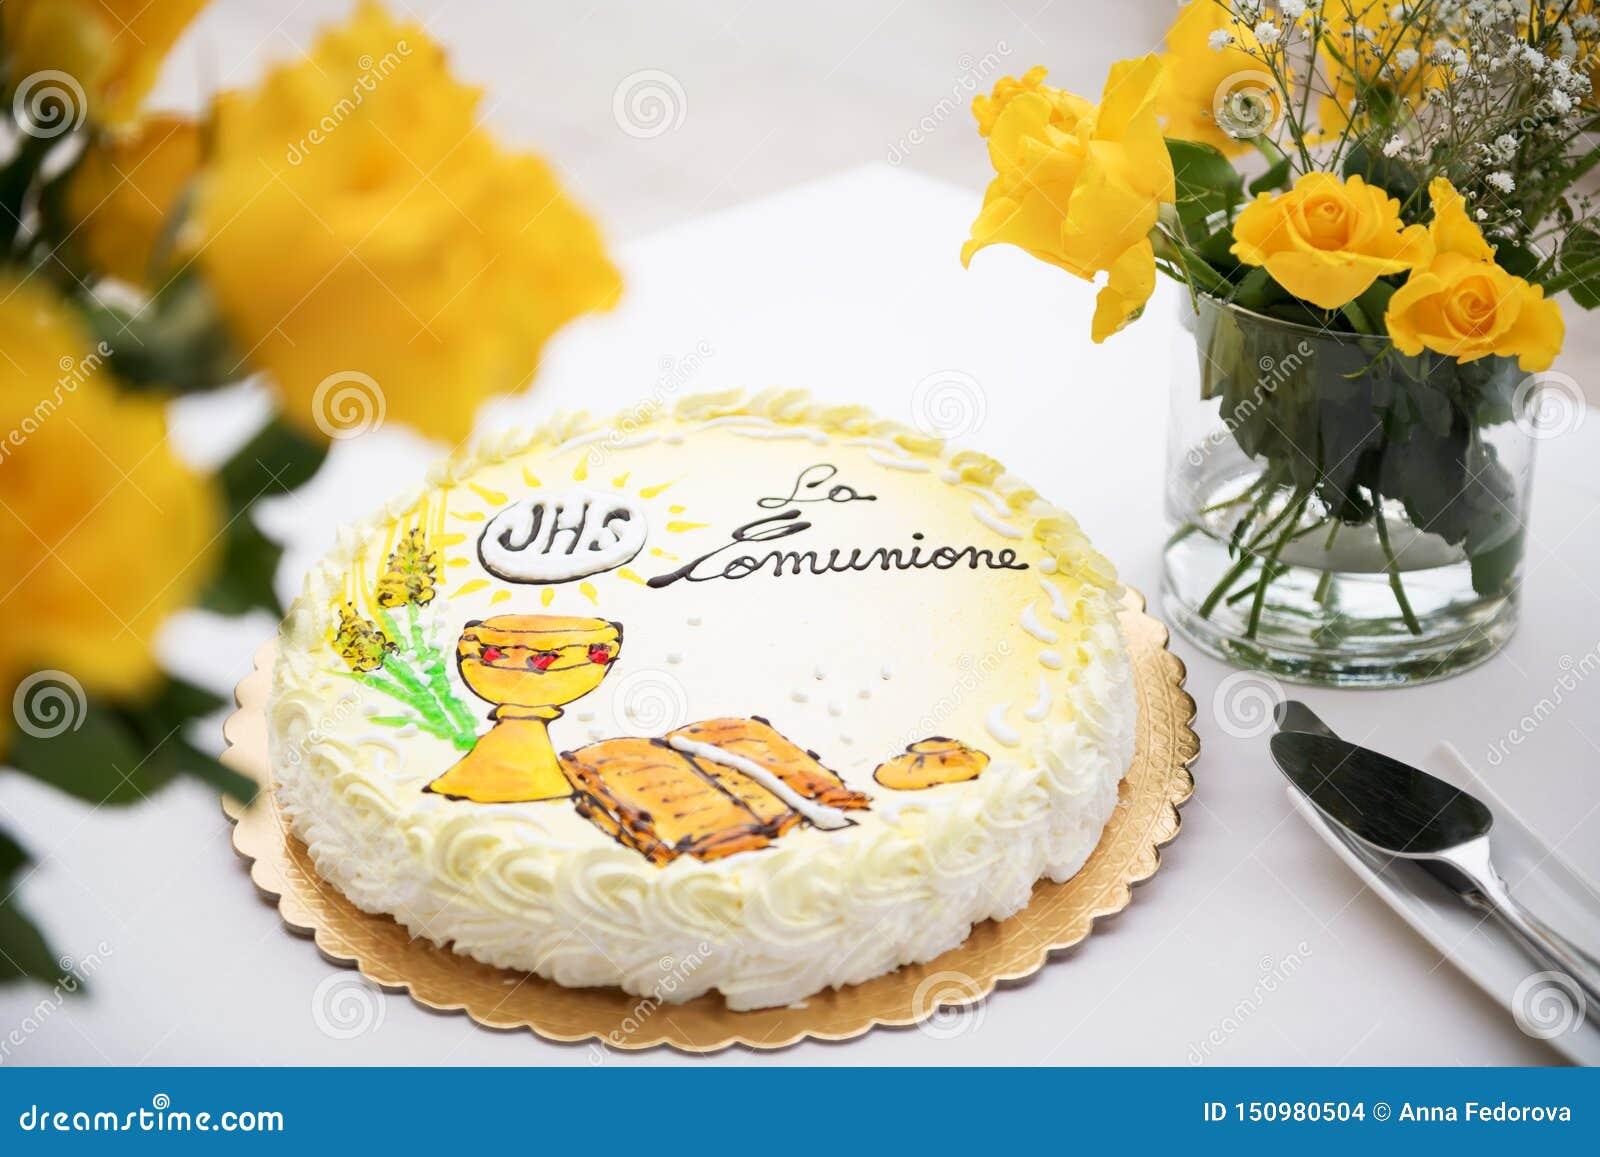 Первая концепция святого причастия, красивый торт с текстом на итальянском: первое святое причастие и желтые розы на белой таблиц